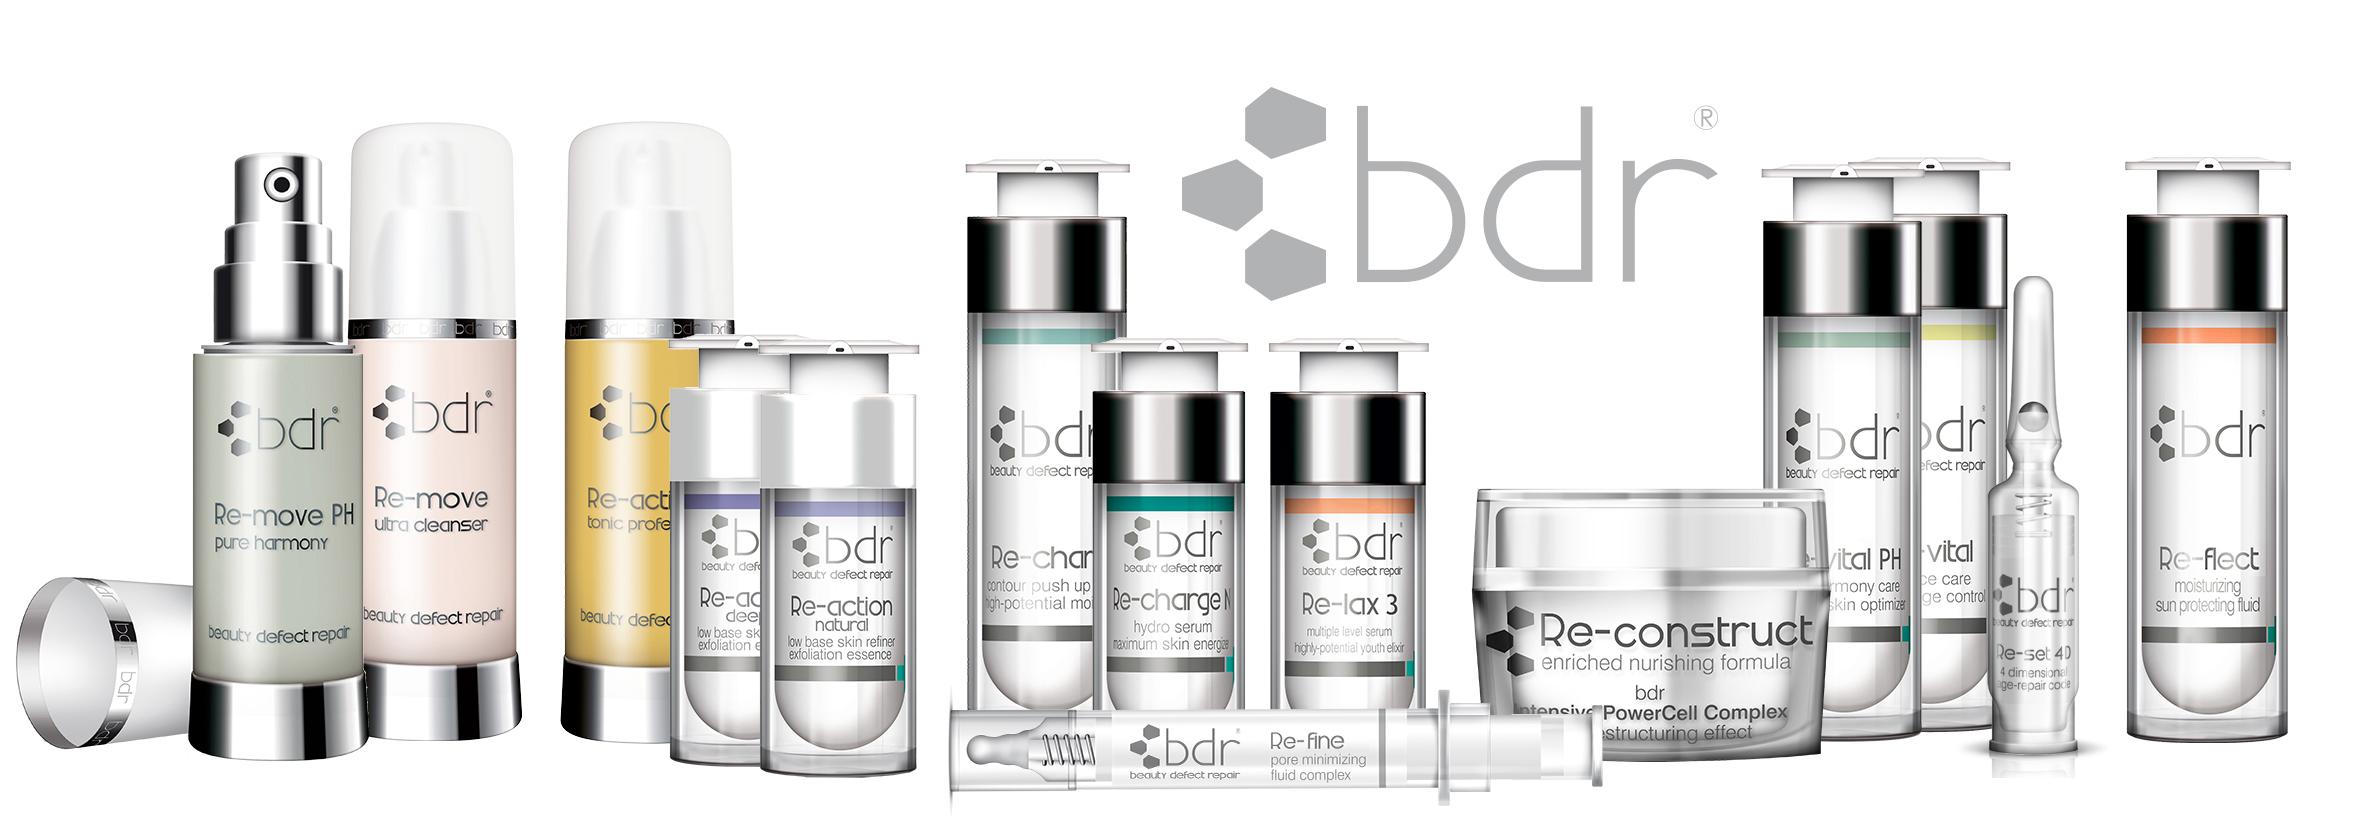 Facelift Bonn bdr Produkte auf einem Bild